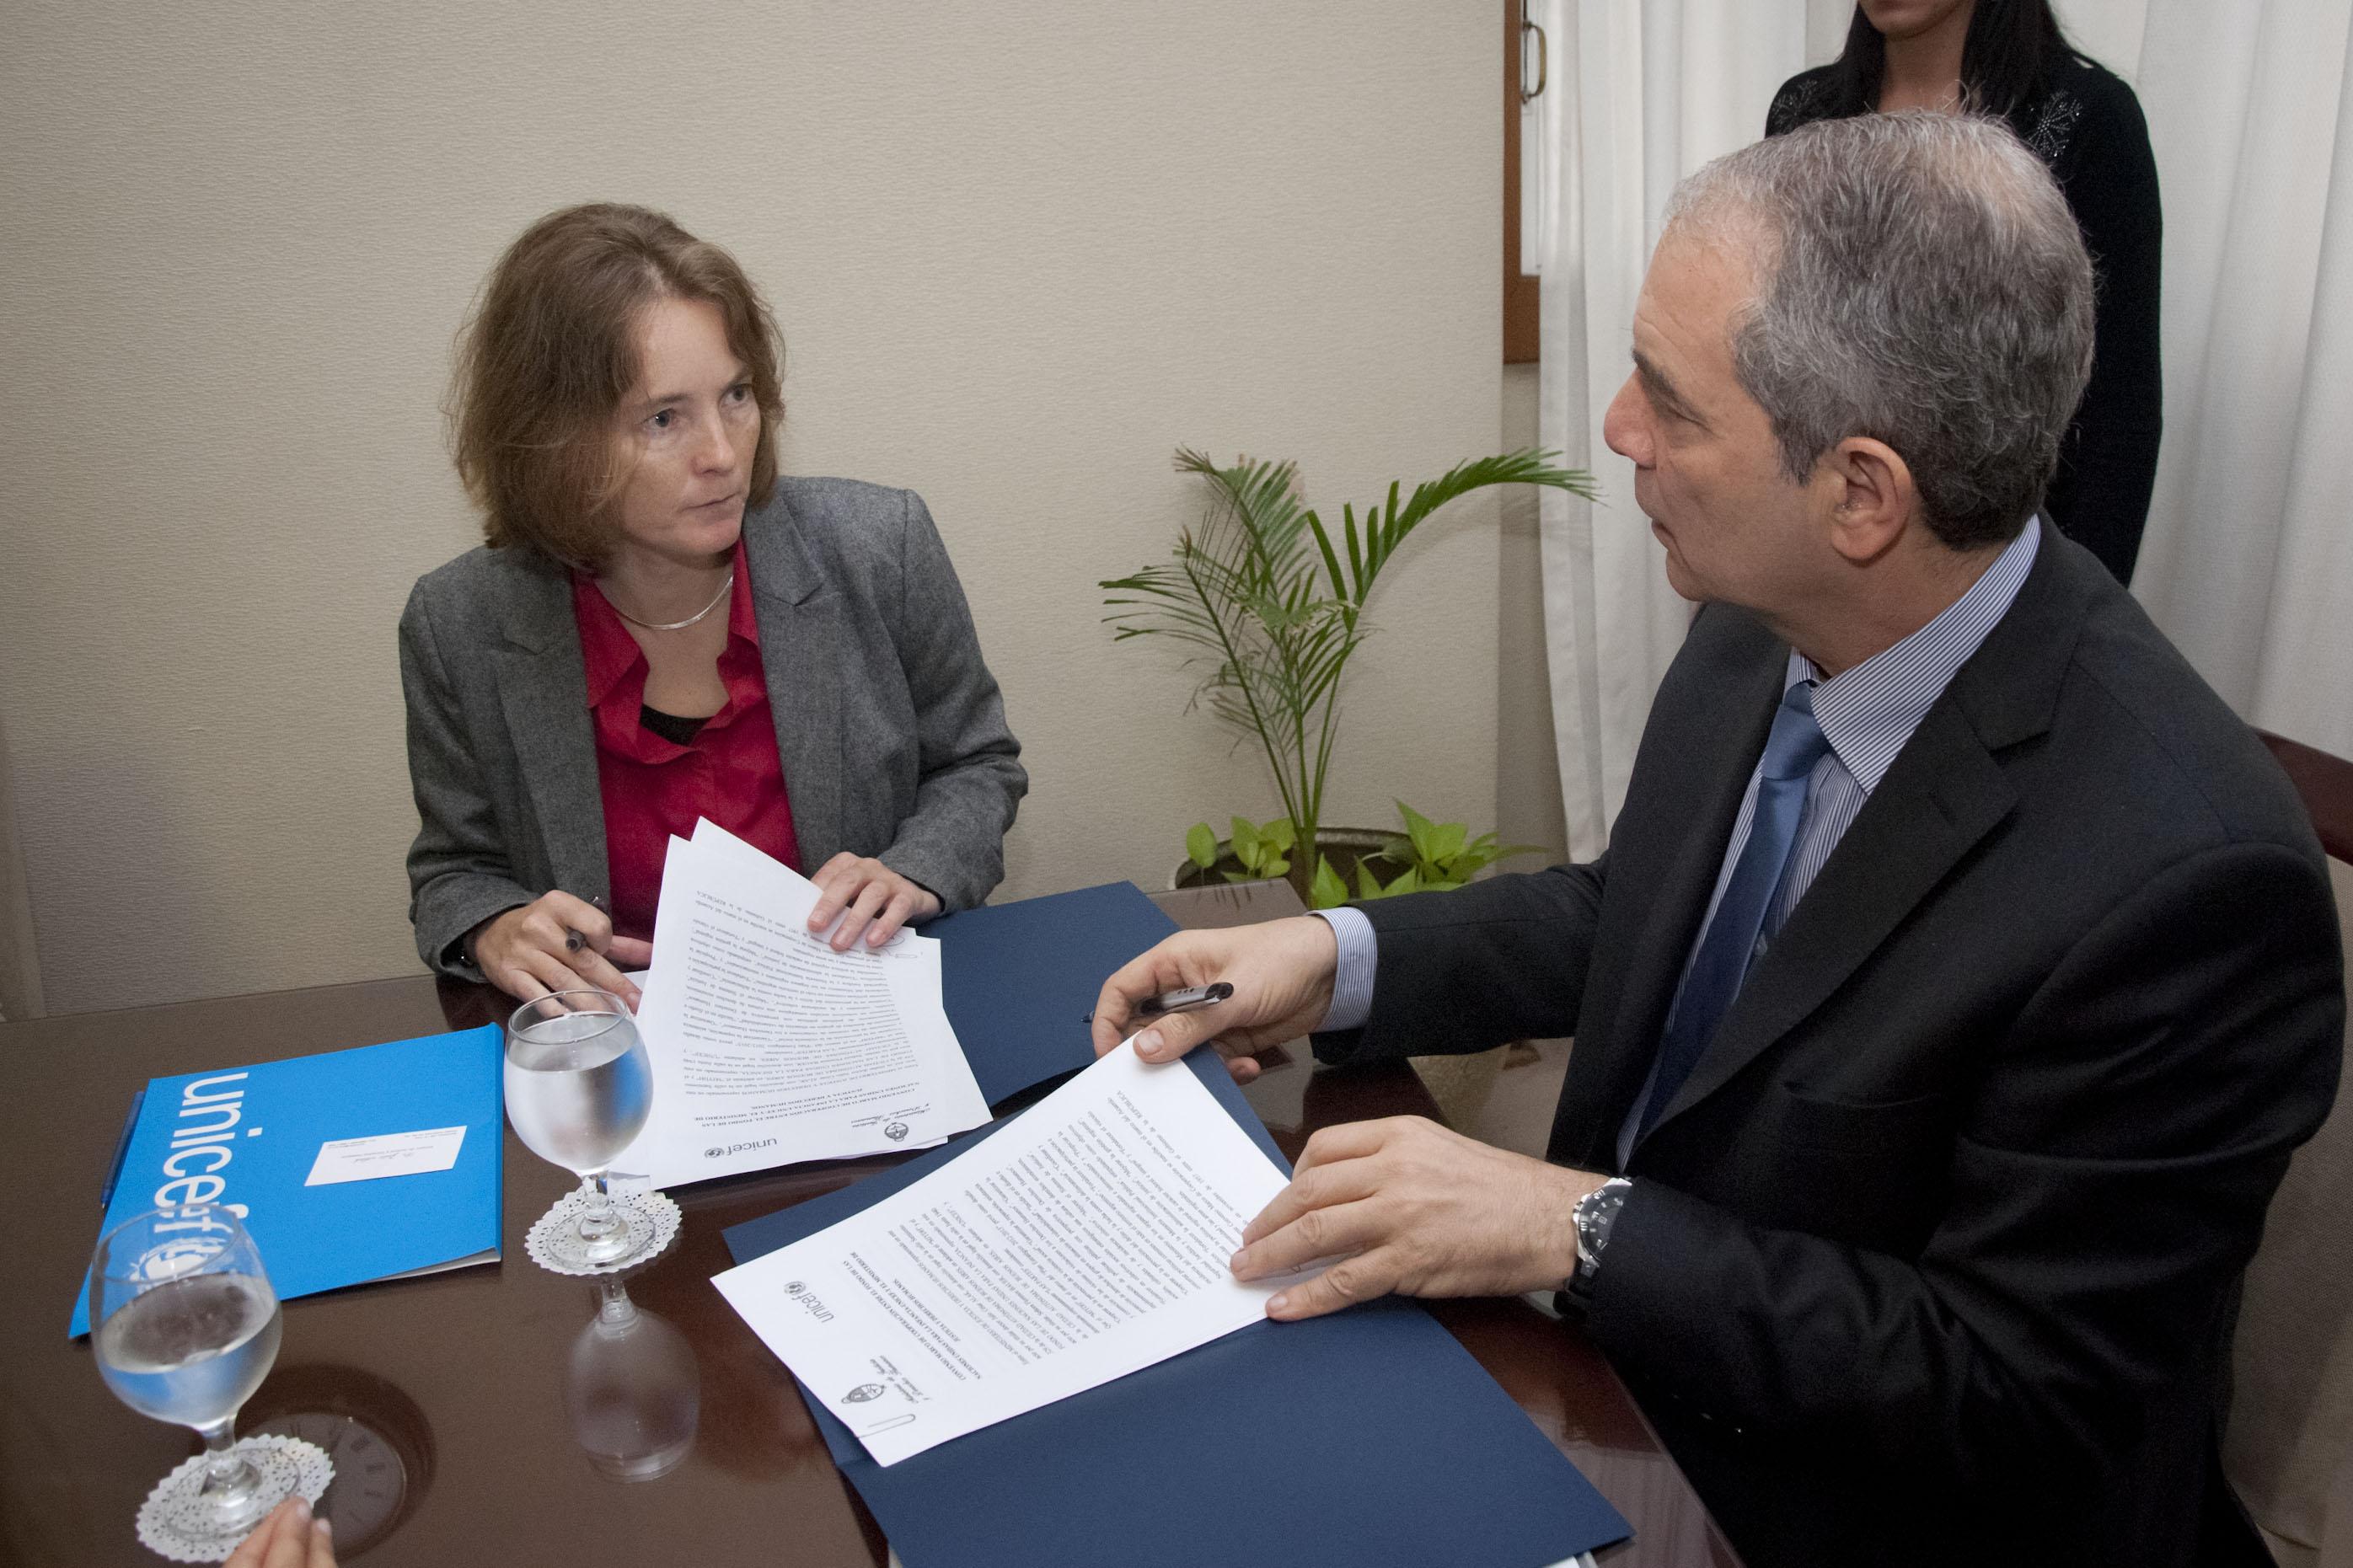 El Ministerio de Justicia coordinará con UNICEF acciones de prevención contra la violencia, el abuso y la explotación infantil